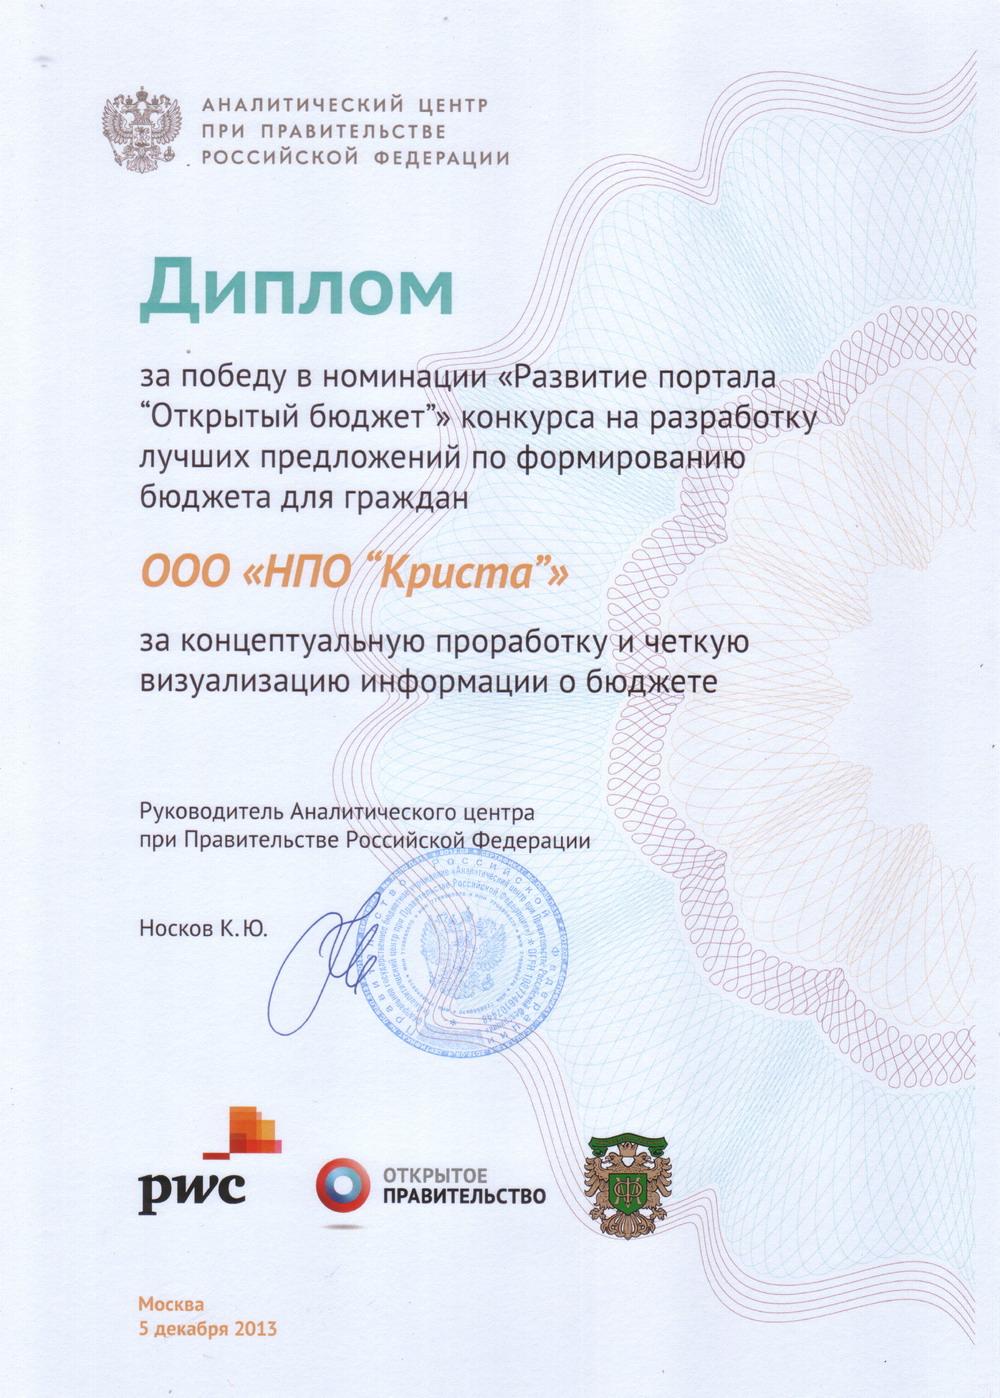 Бюджет для граждан ООО НПО Криста НПО Криста является победителем конкурса Аналитического центра при Правительстве Российской Федерации по открытому бюджету и бюджету для граждан